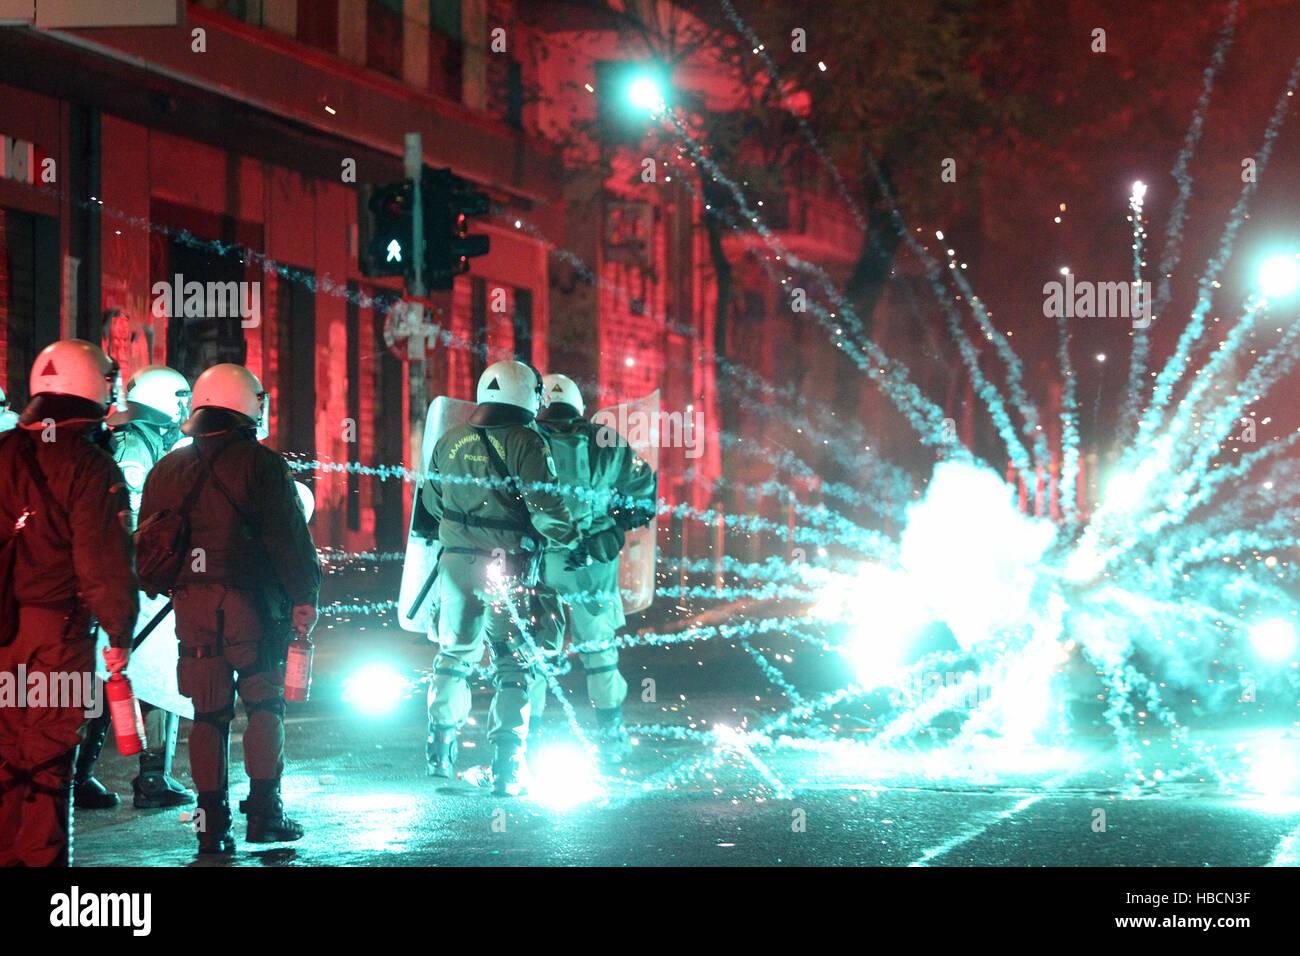 Atene, Grecia. 6 dicembre, 2016. Il greco manifestanti si scontrano con la polizia durante un rally per contrassegnare Immagini Stock